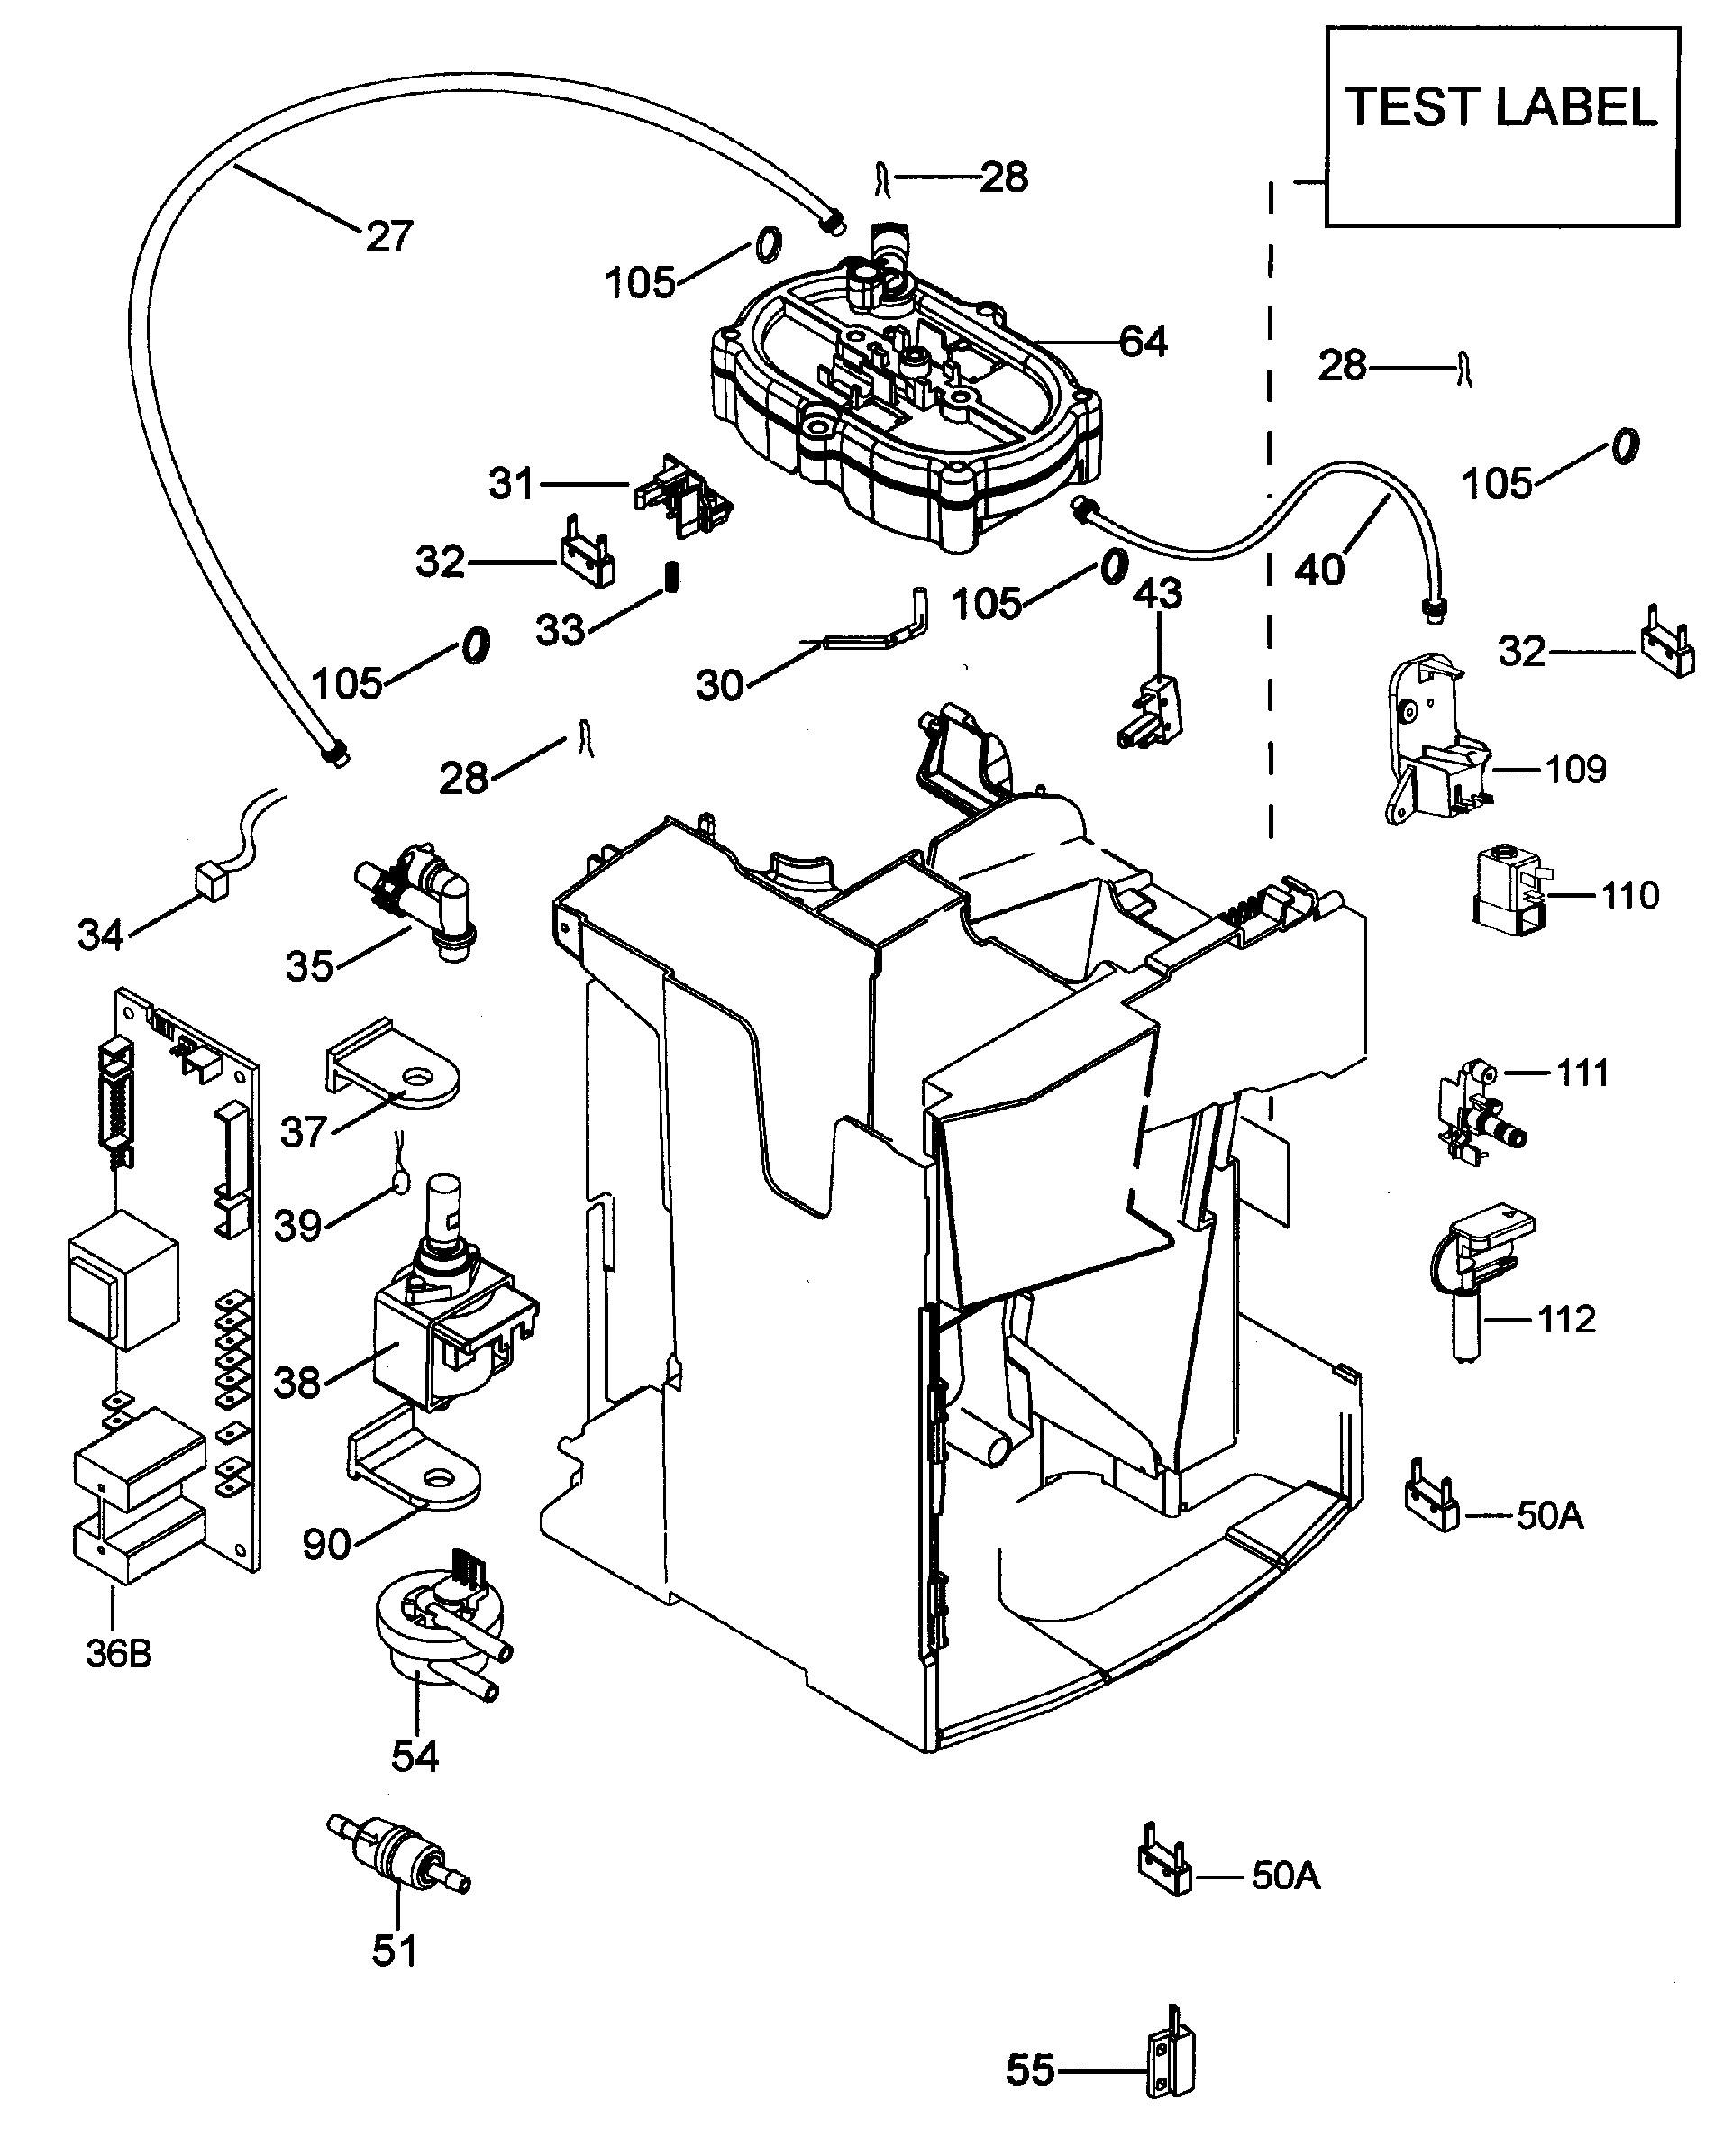 Delonghi Magnifica Parts Diagram Delonghi Eam3500 N Magnifica Spares Of Delonghi Magnifica Parts Diagram